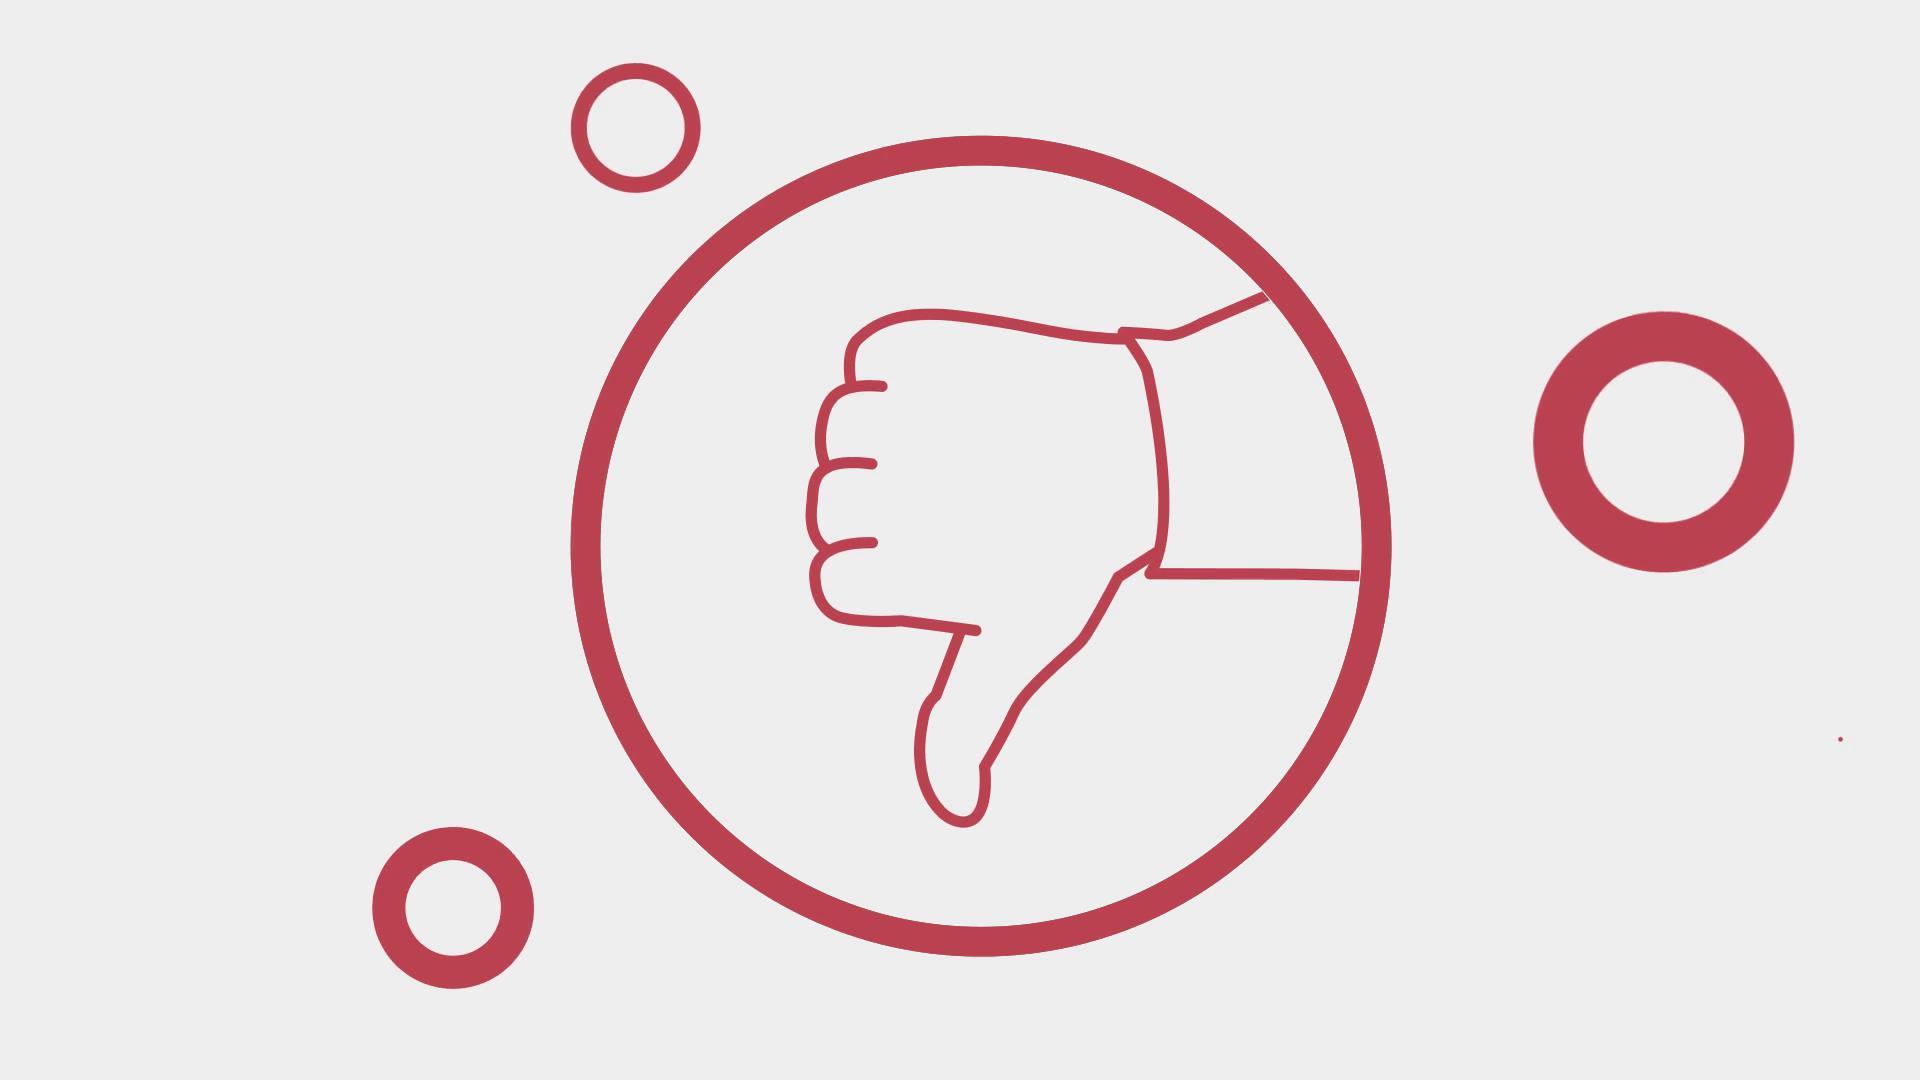 大拇指向上点赞推荐动画视频素材图片